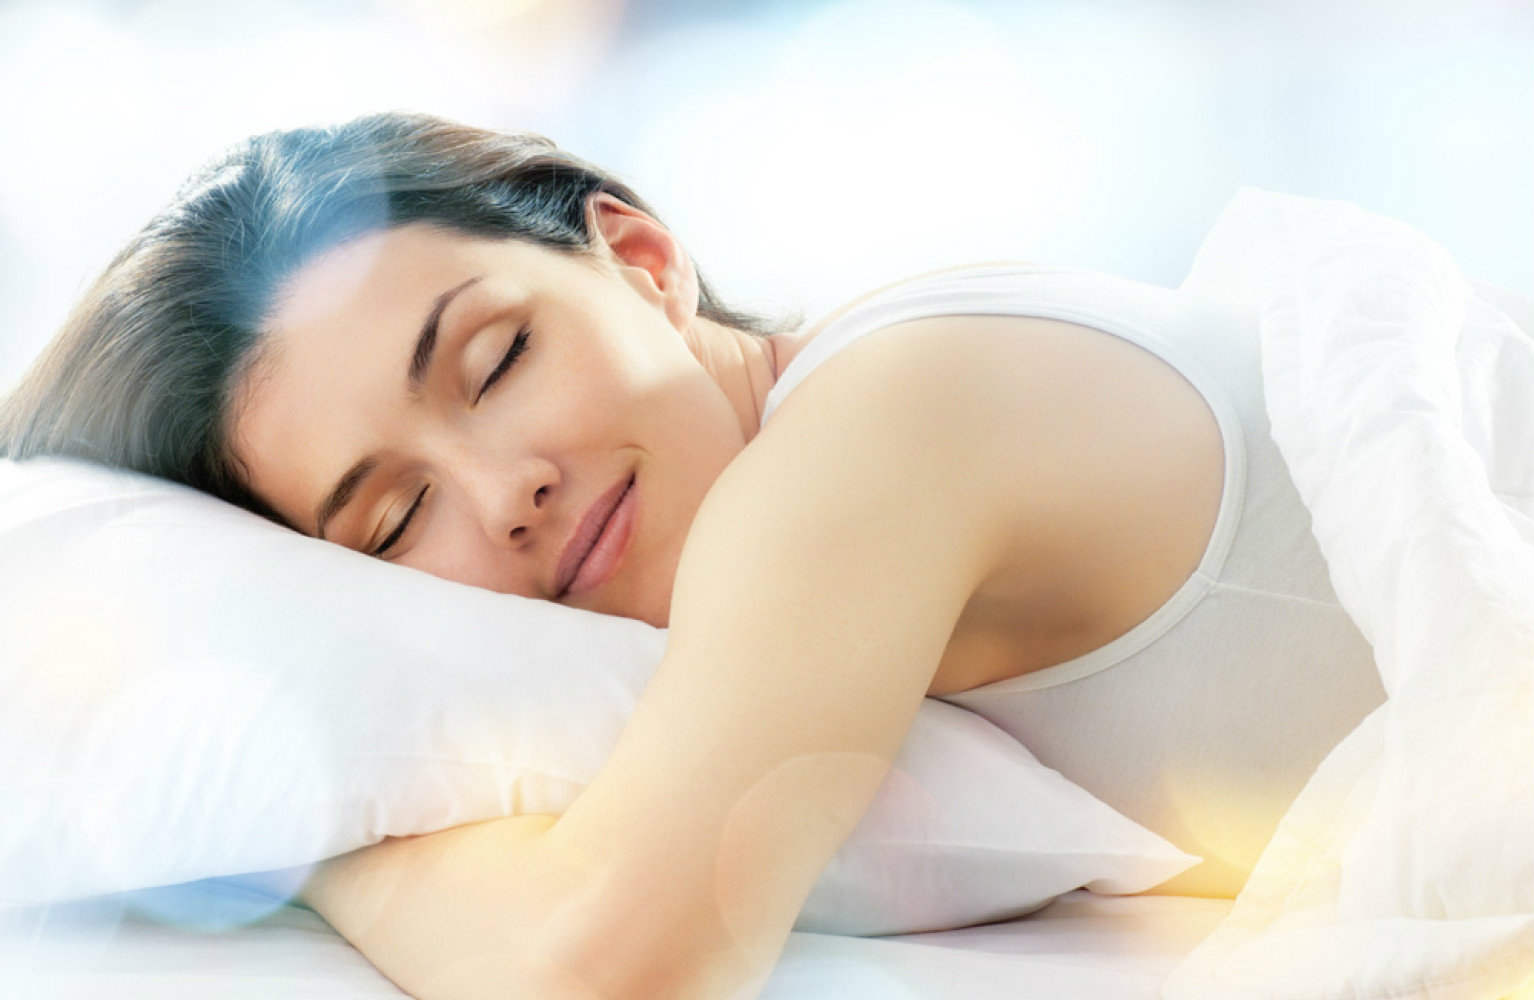 अच्छी नींद से भी घट सकता है वजन